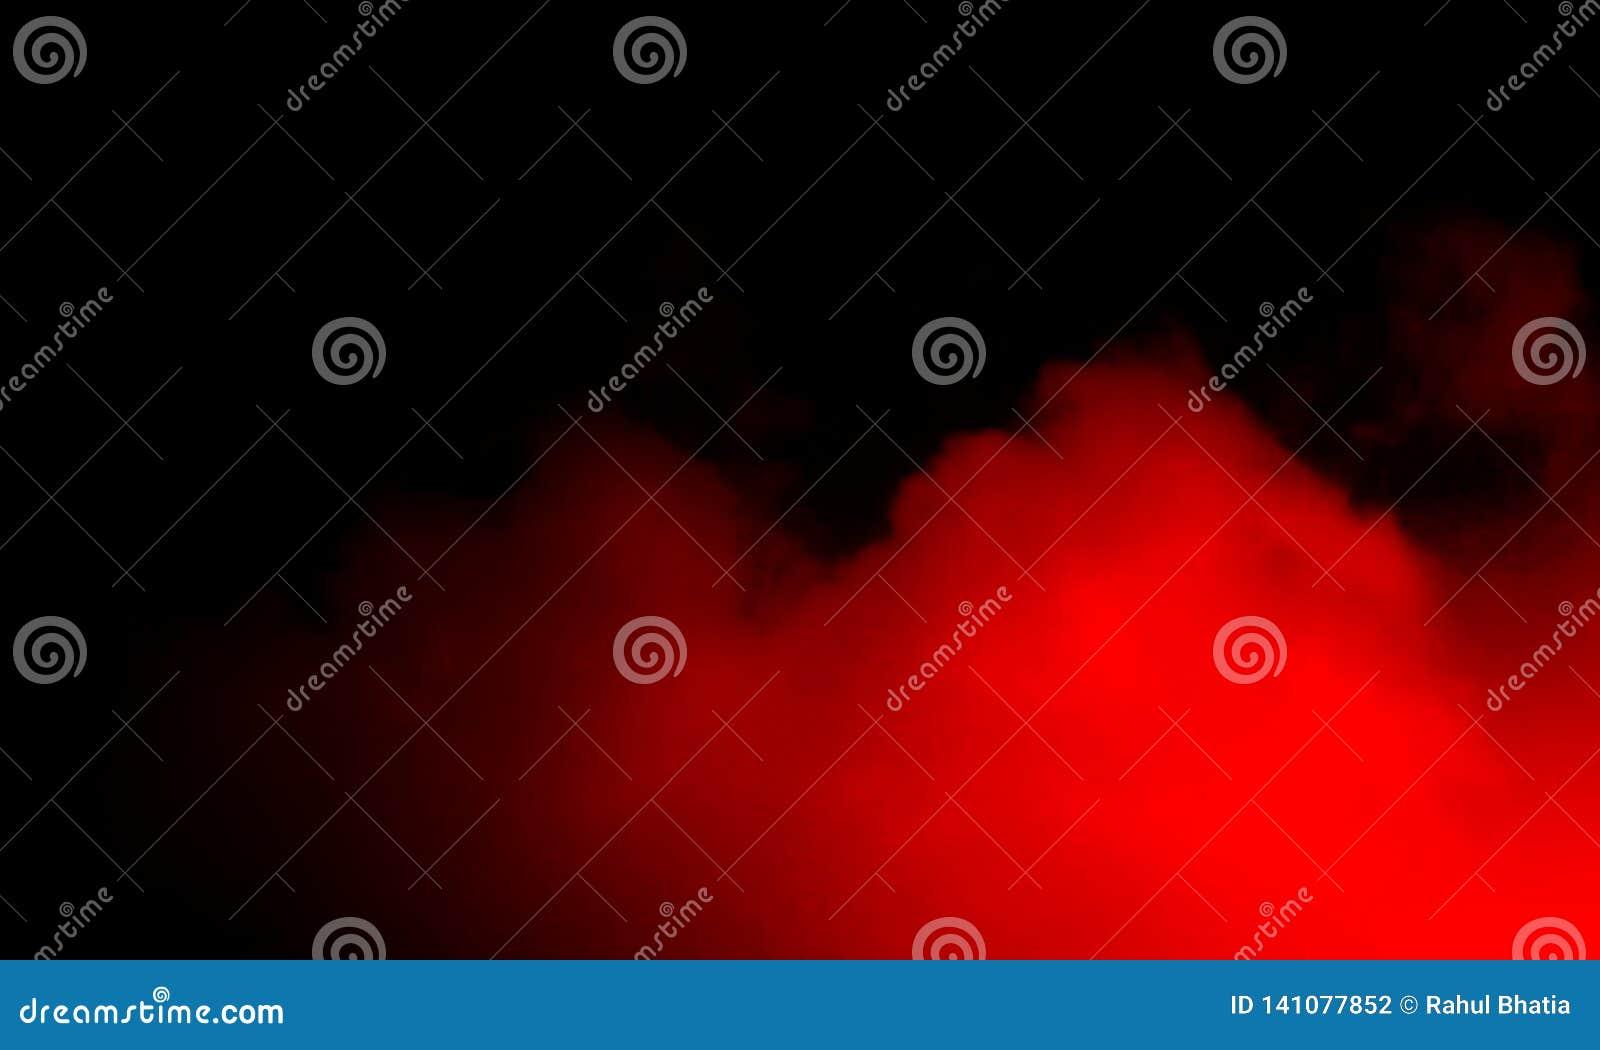 Αφηρημένη κόκκινη ομίχλη υδρονέφωσης καπνού σε ένα μαύρο υπόβαθρο